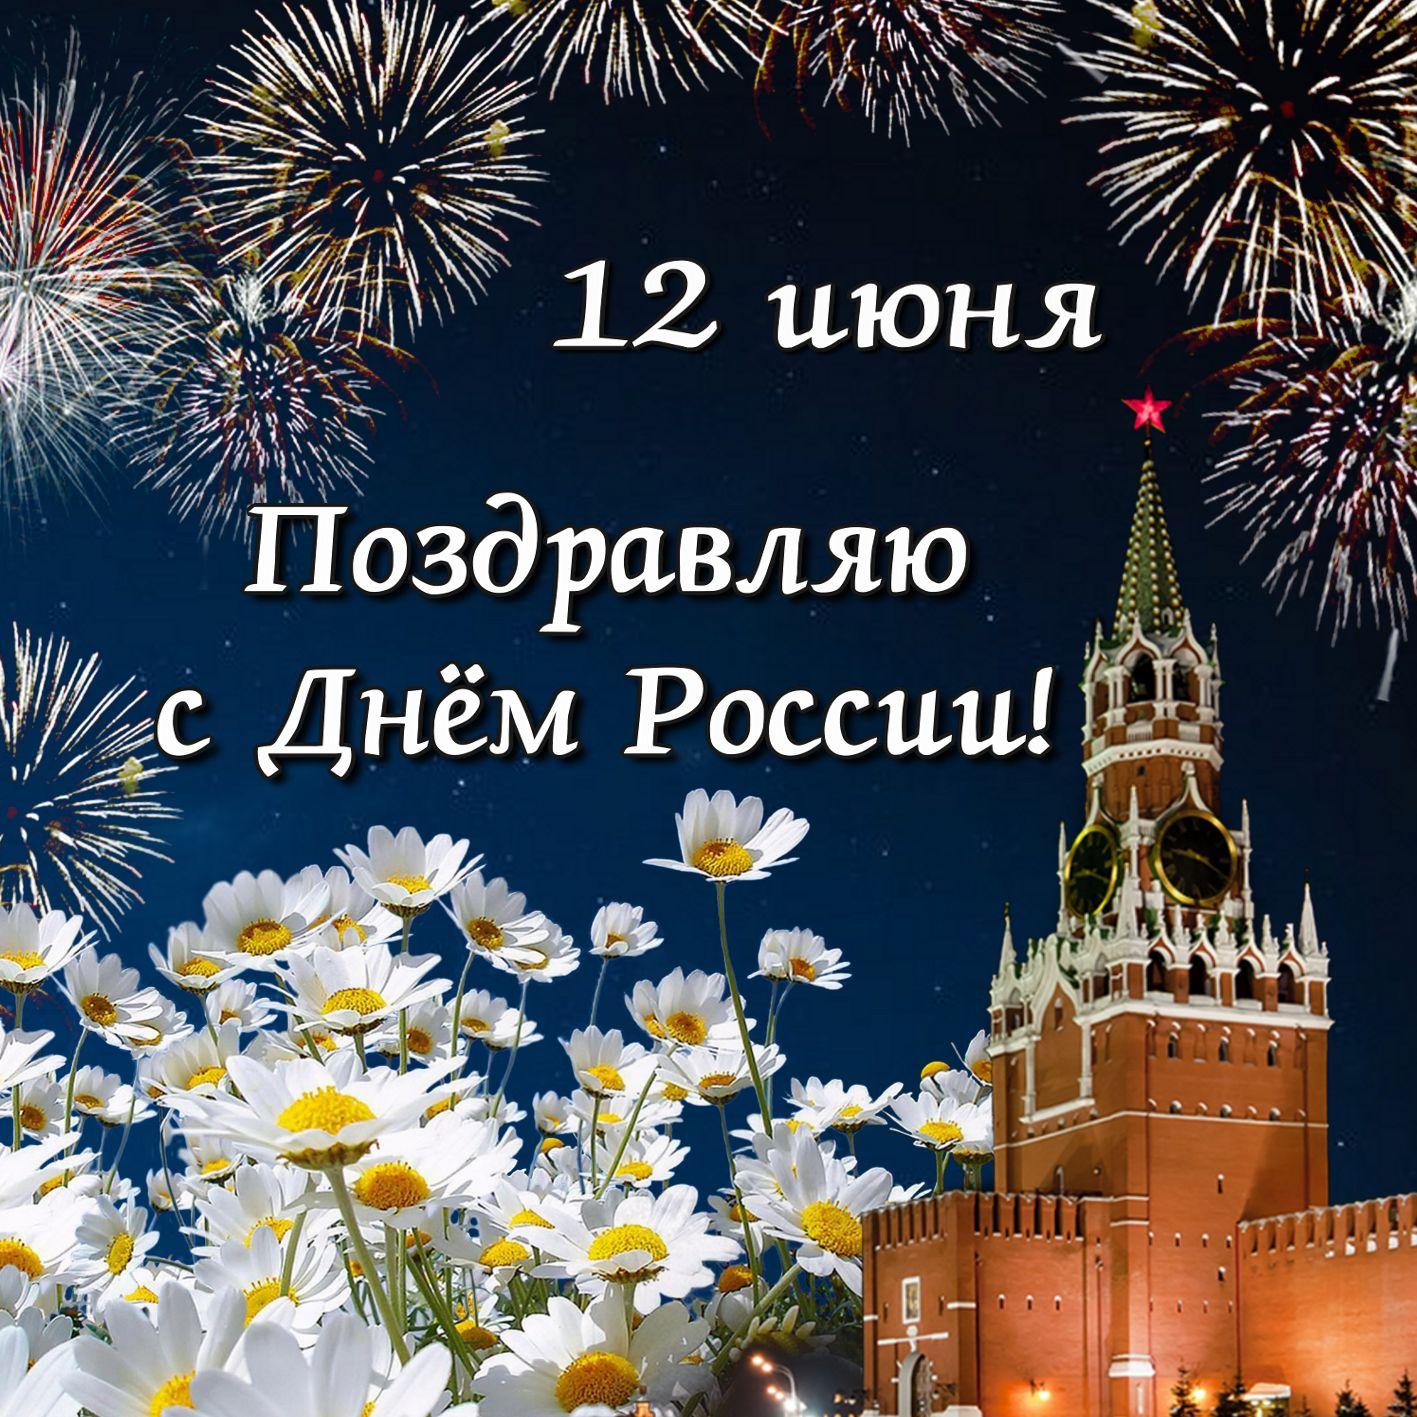 Открытка с Днём России - салют в ночном небе на фоне Кремля